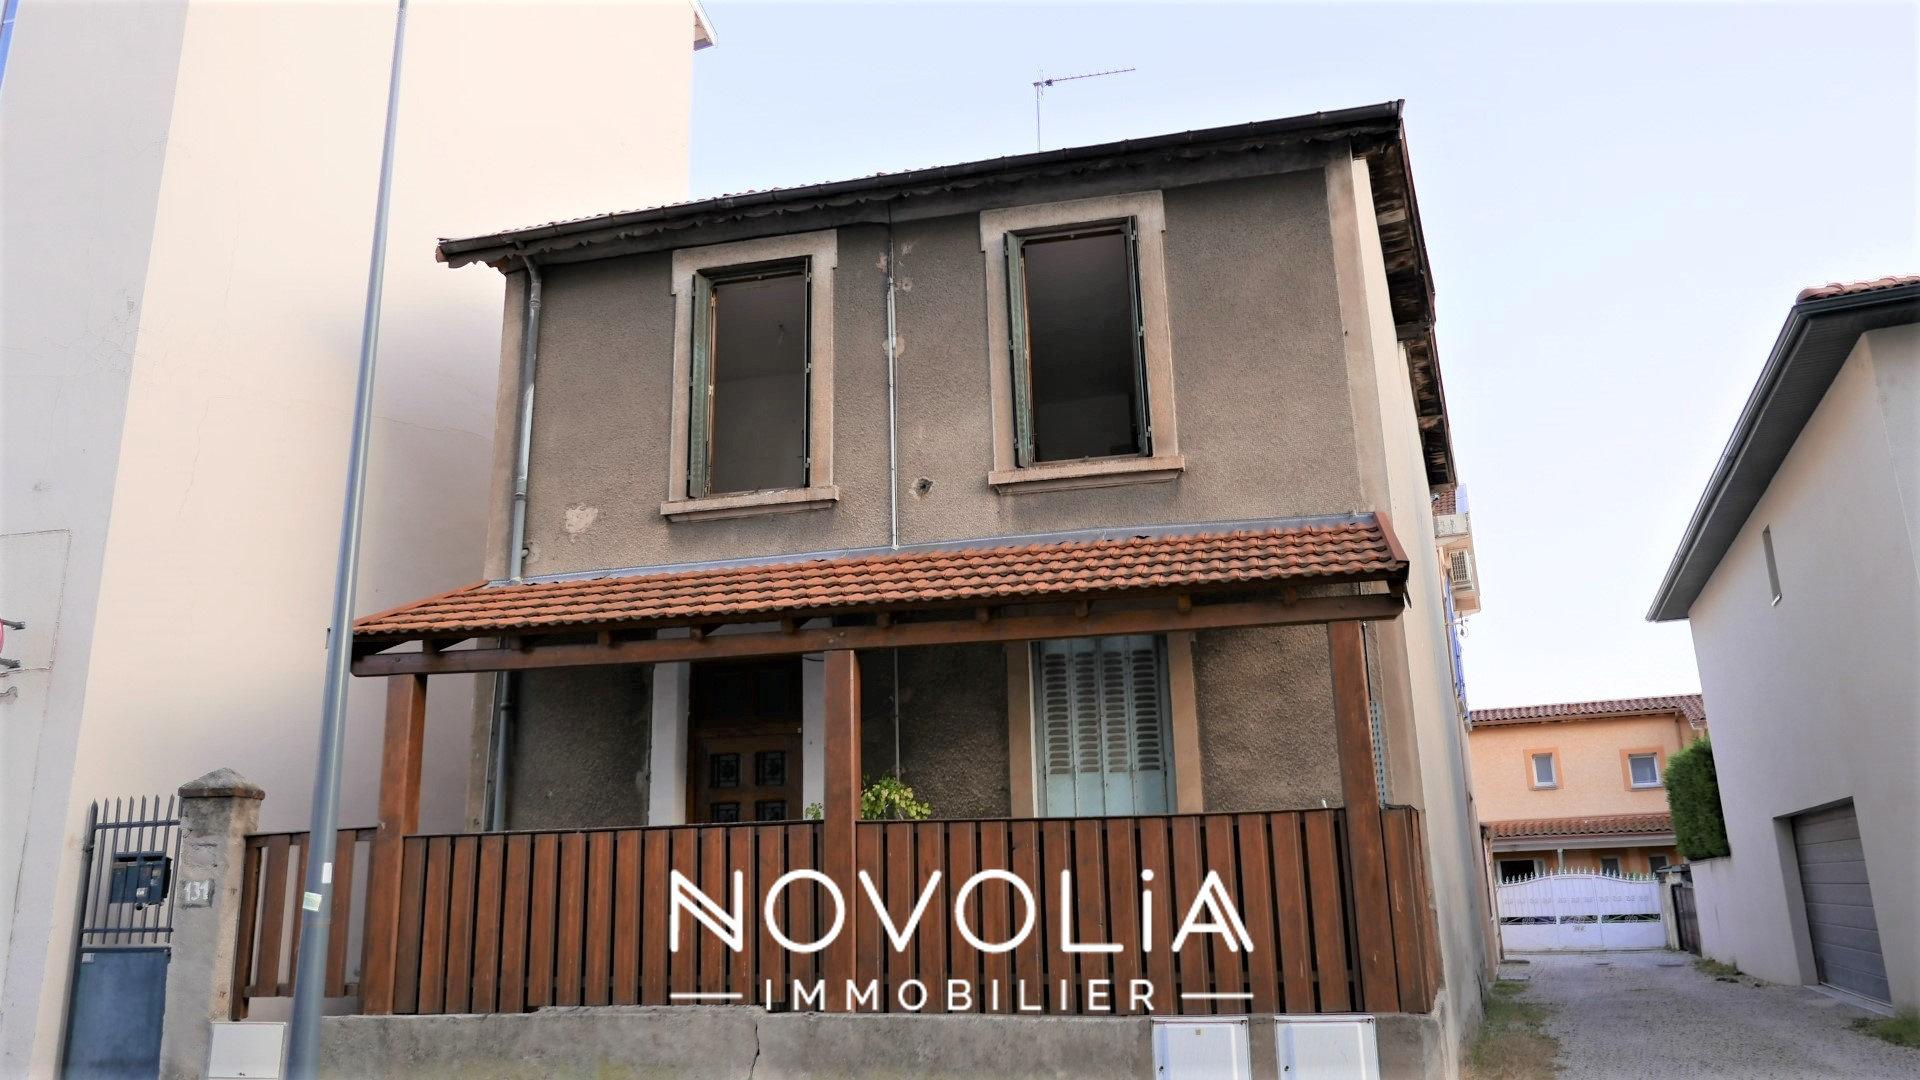 Achat Appartement, Surface de 49 m²/ Total carrez : 49 m², 3 pièces, Villeurbanne (69100)